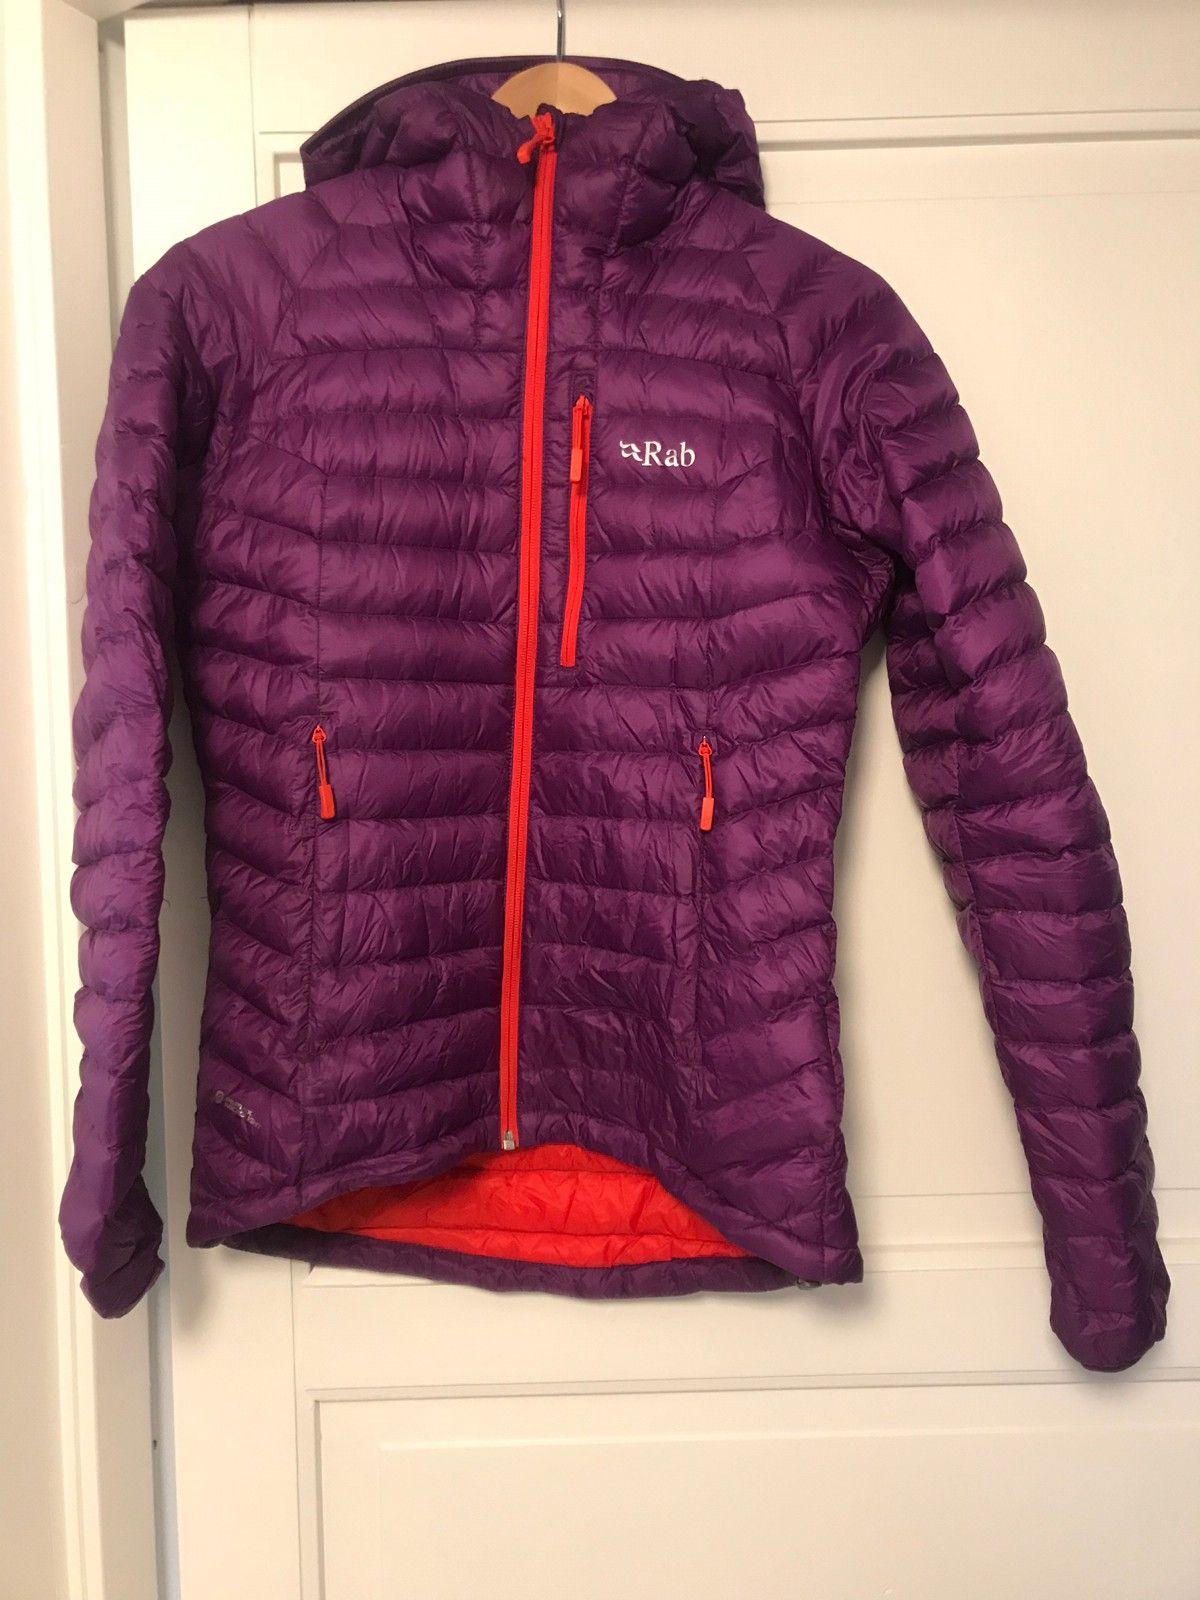 3401a56e God og varm jakke fra Rab. Nesten ikke brukt. Str S. (1/3)